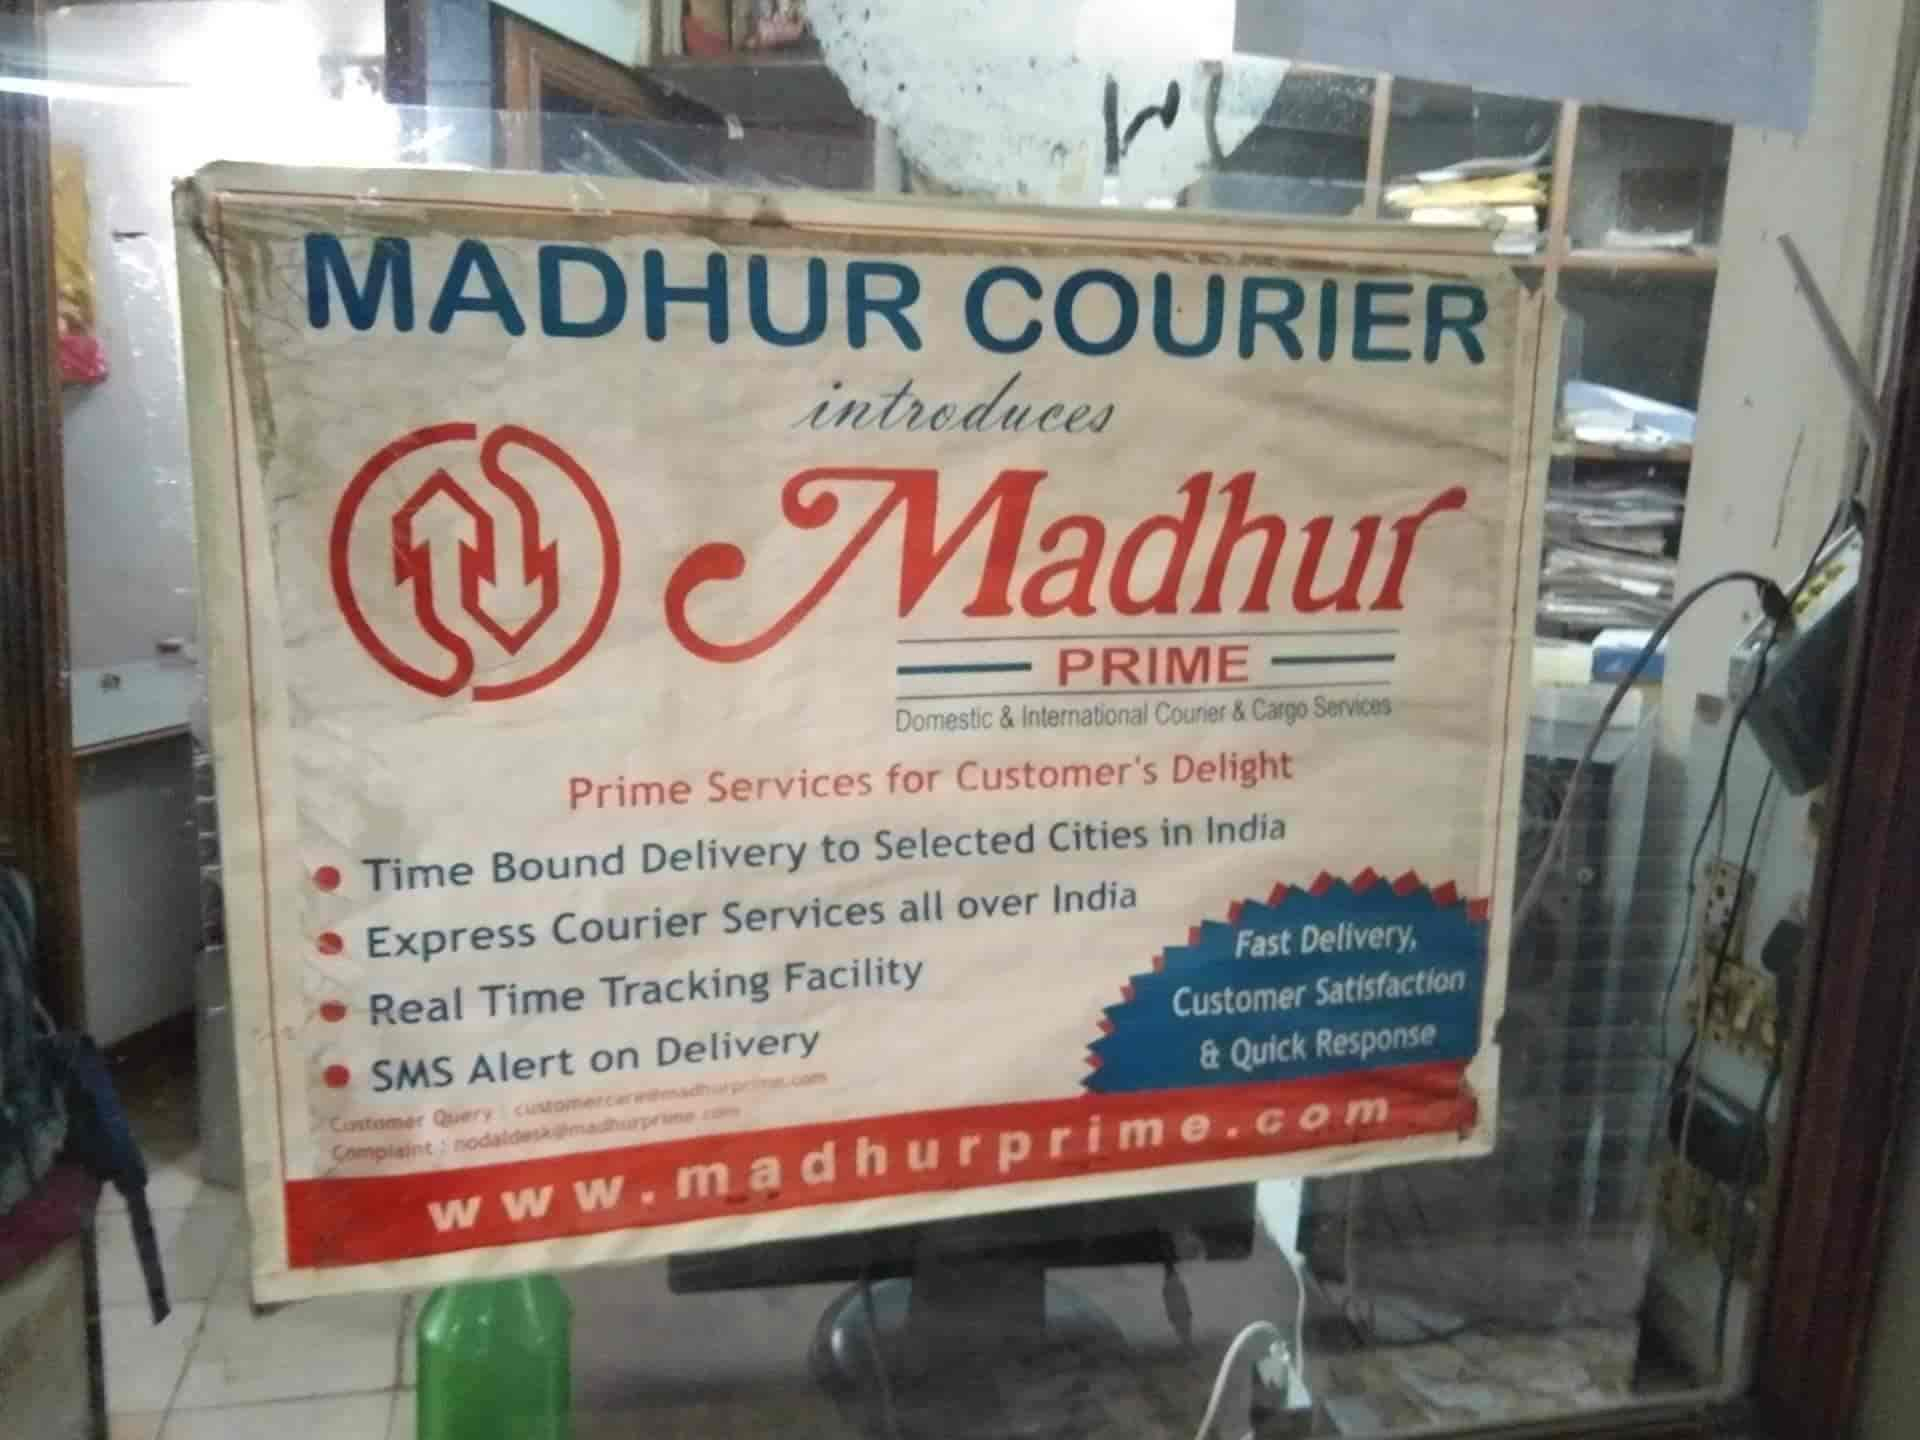 Madhur Courier Services Pvt Ltd, M P Nagar - Courier